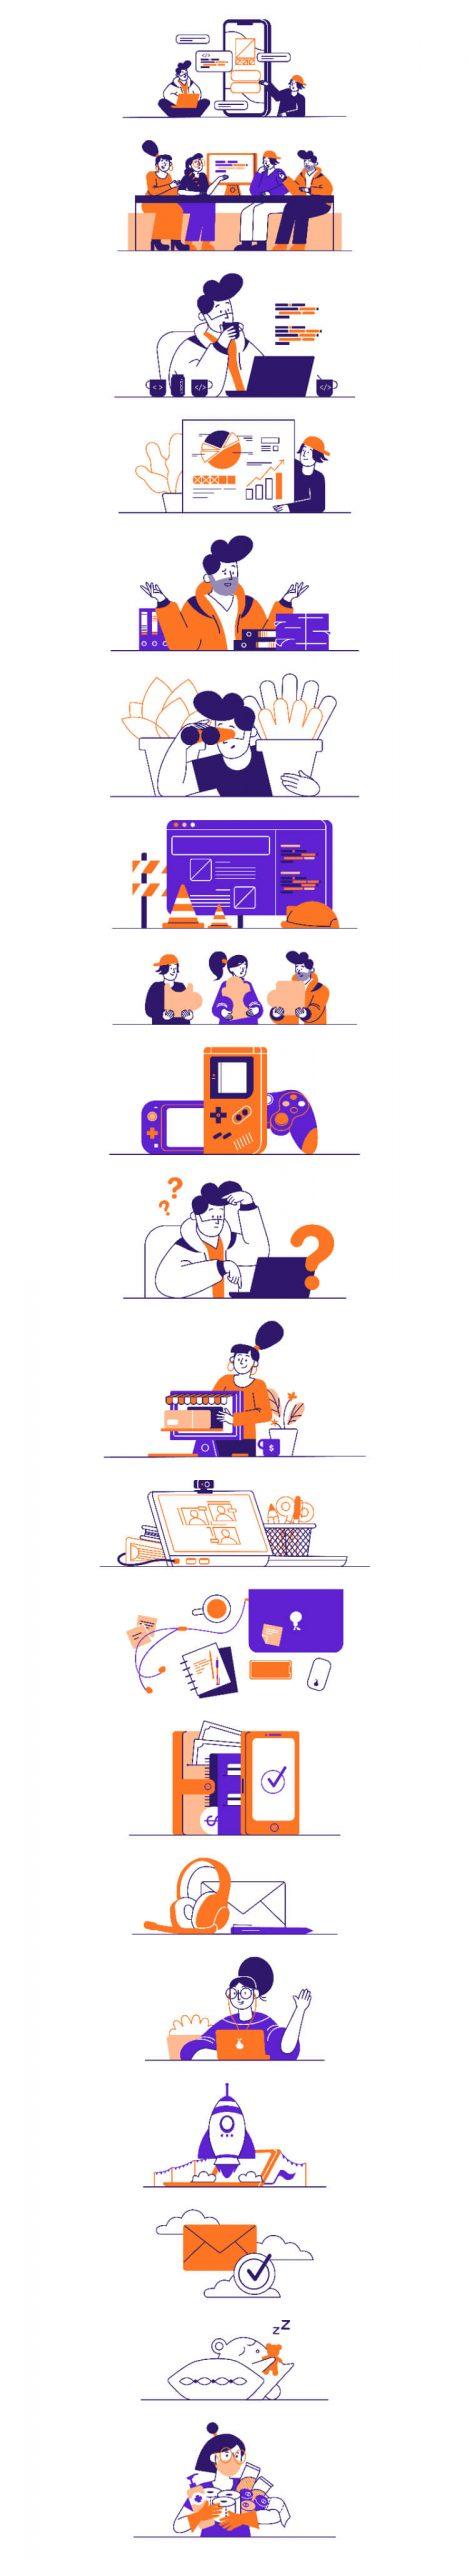 Whoooa Illustrations Free - UI Freebies